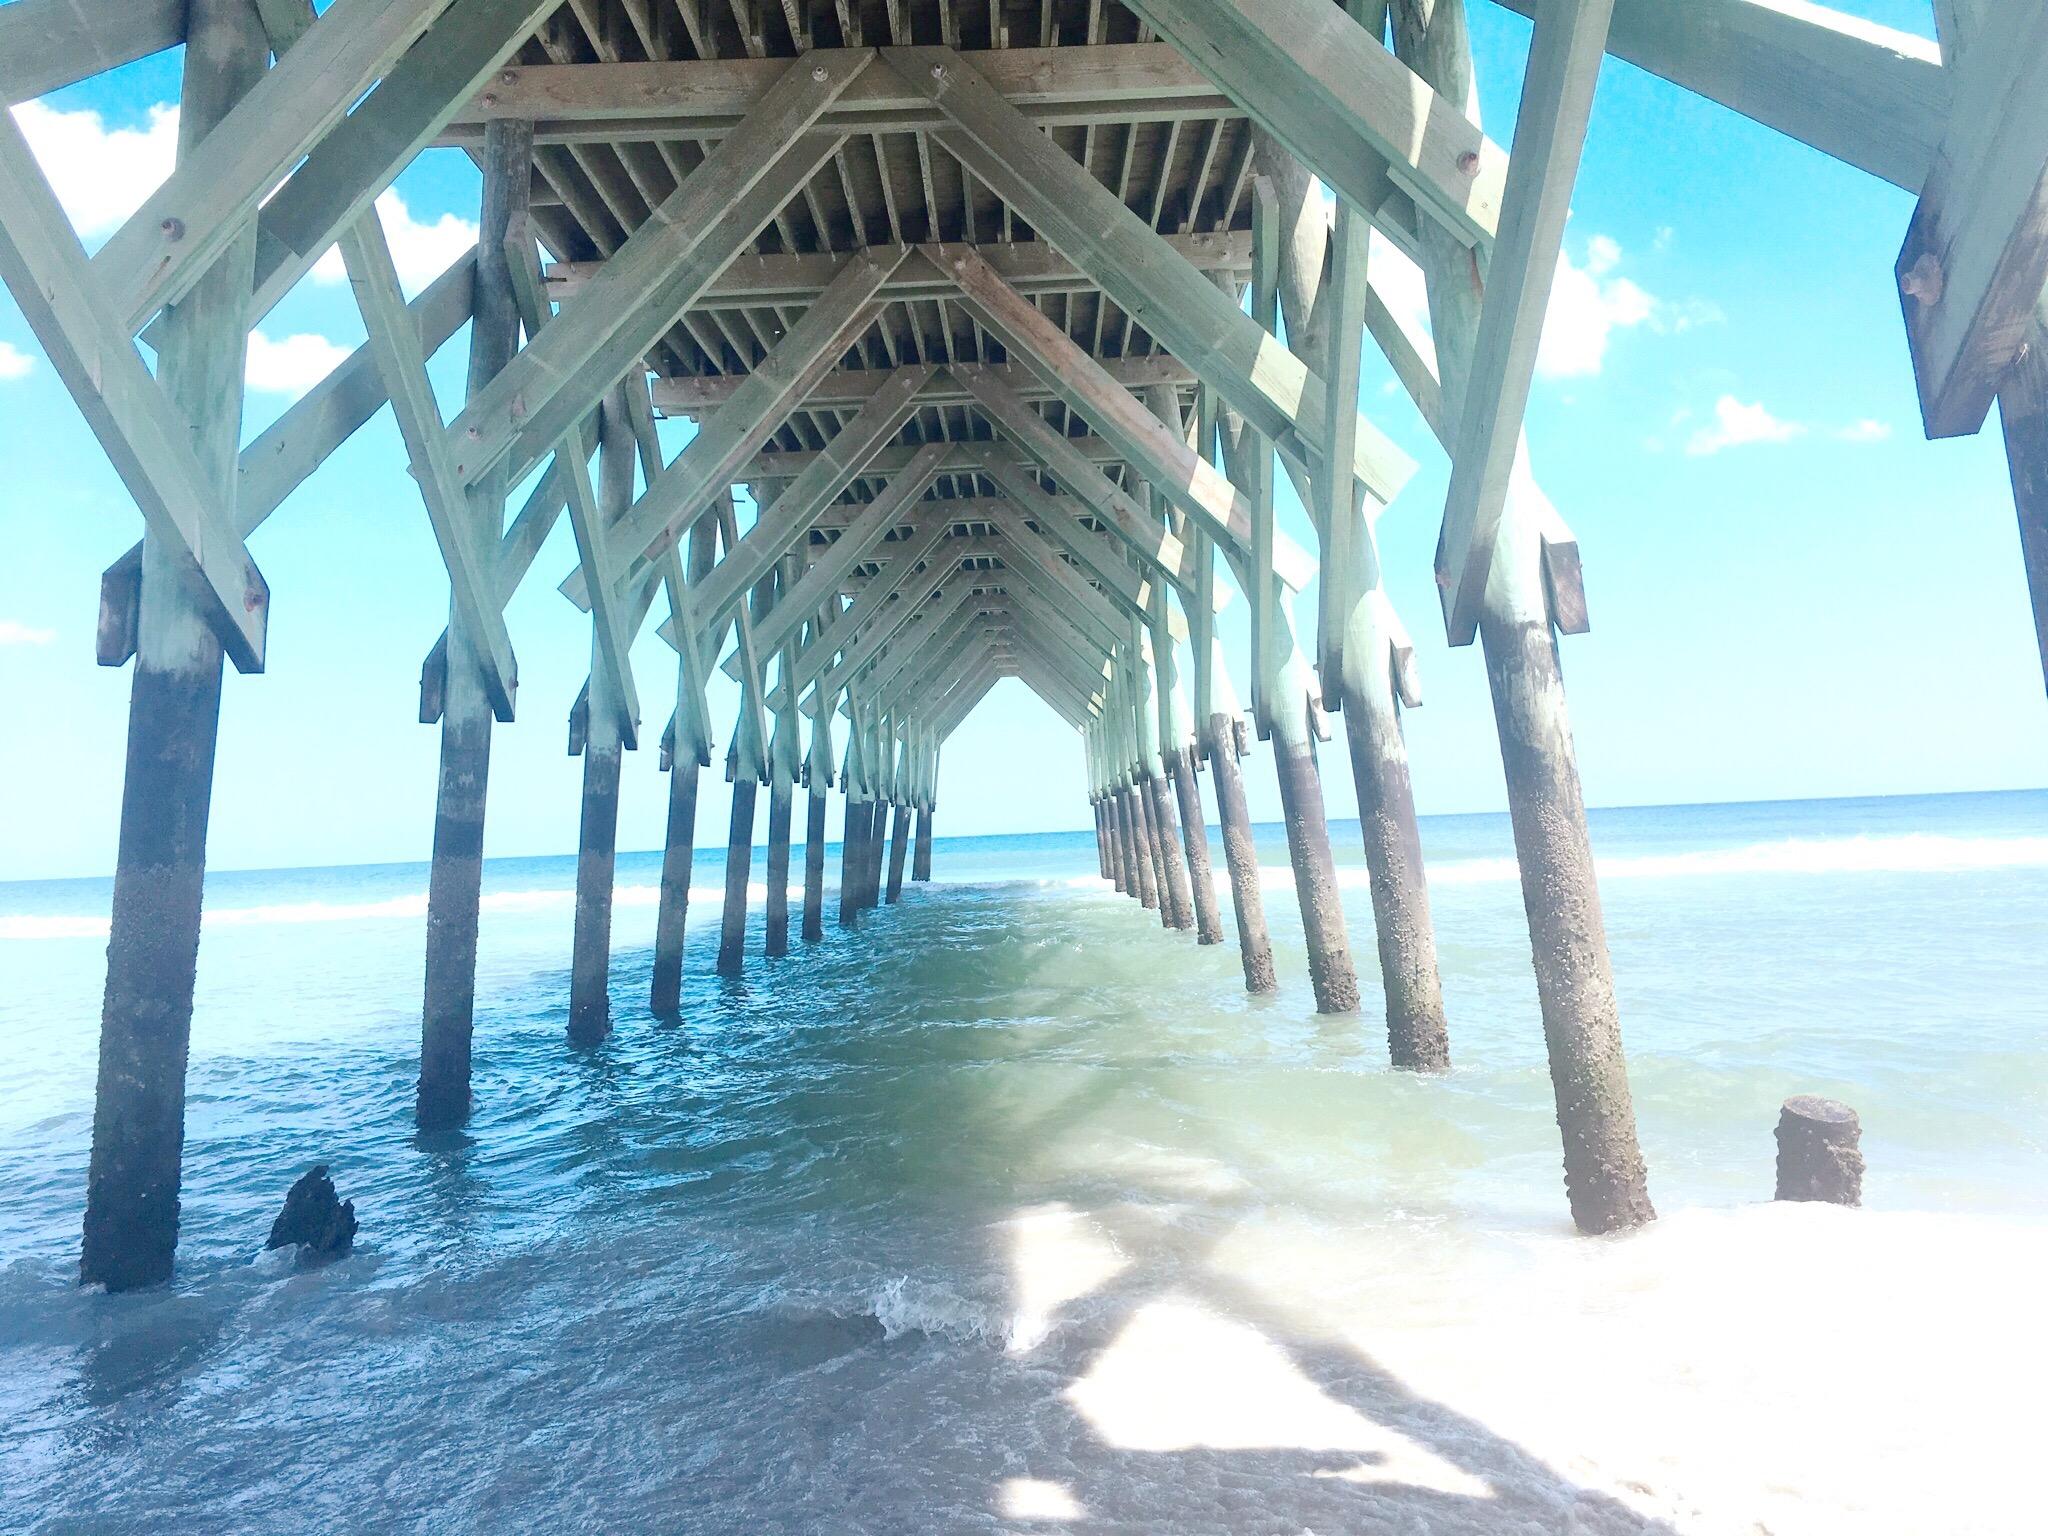 Under Crystal Pier Wrightsville Beach